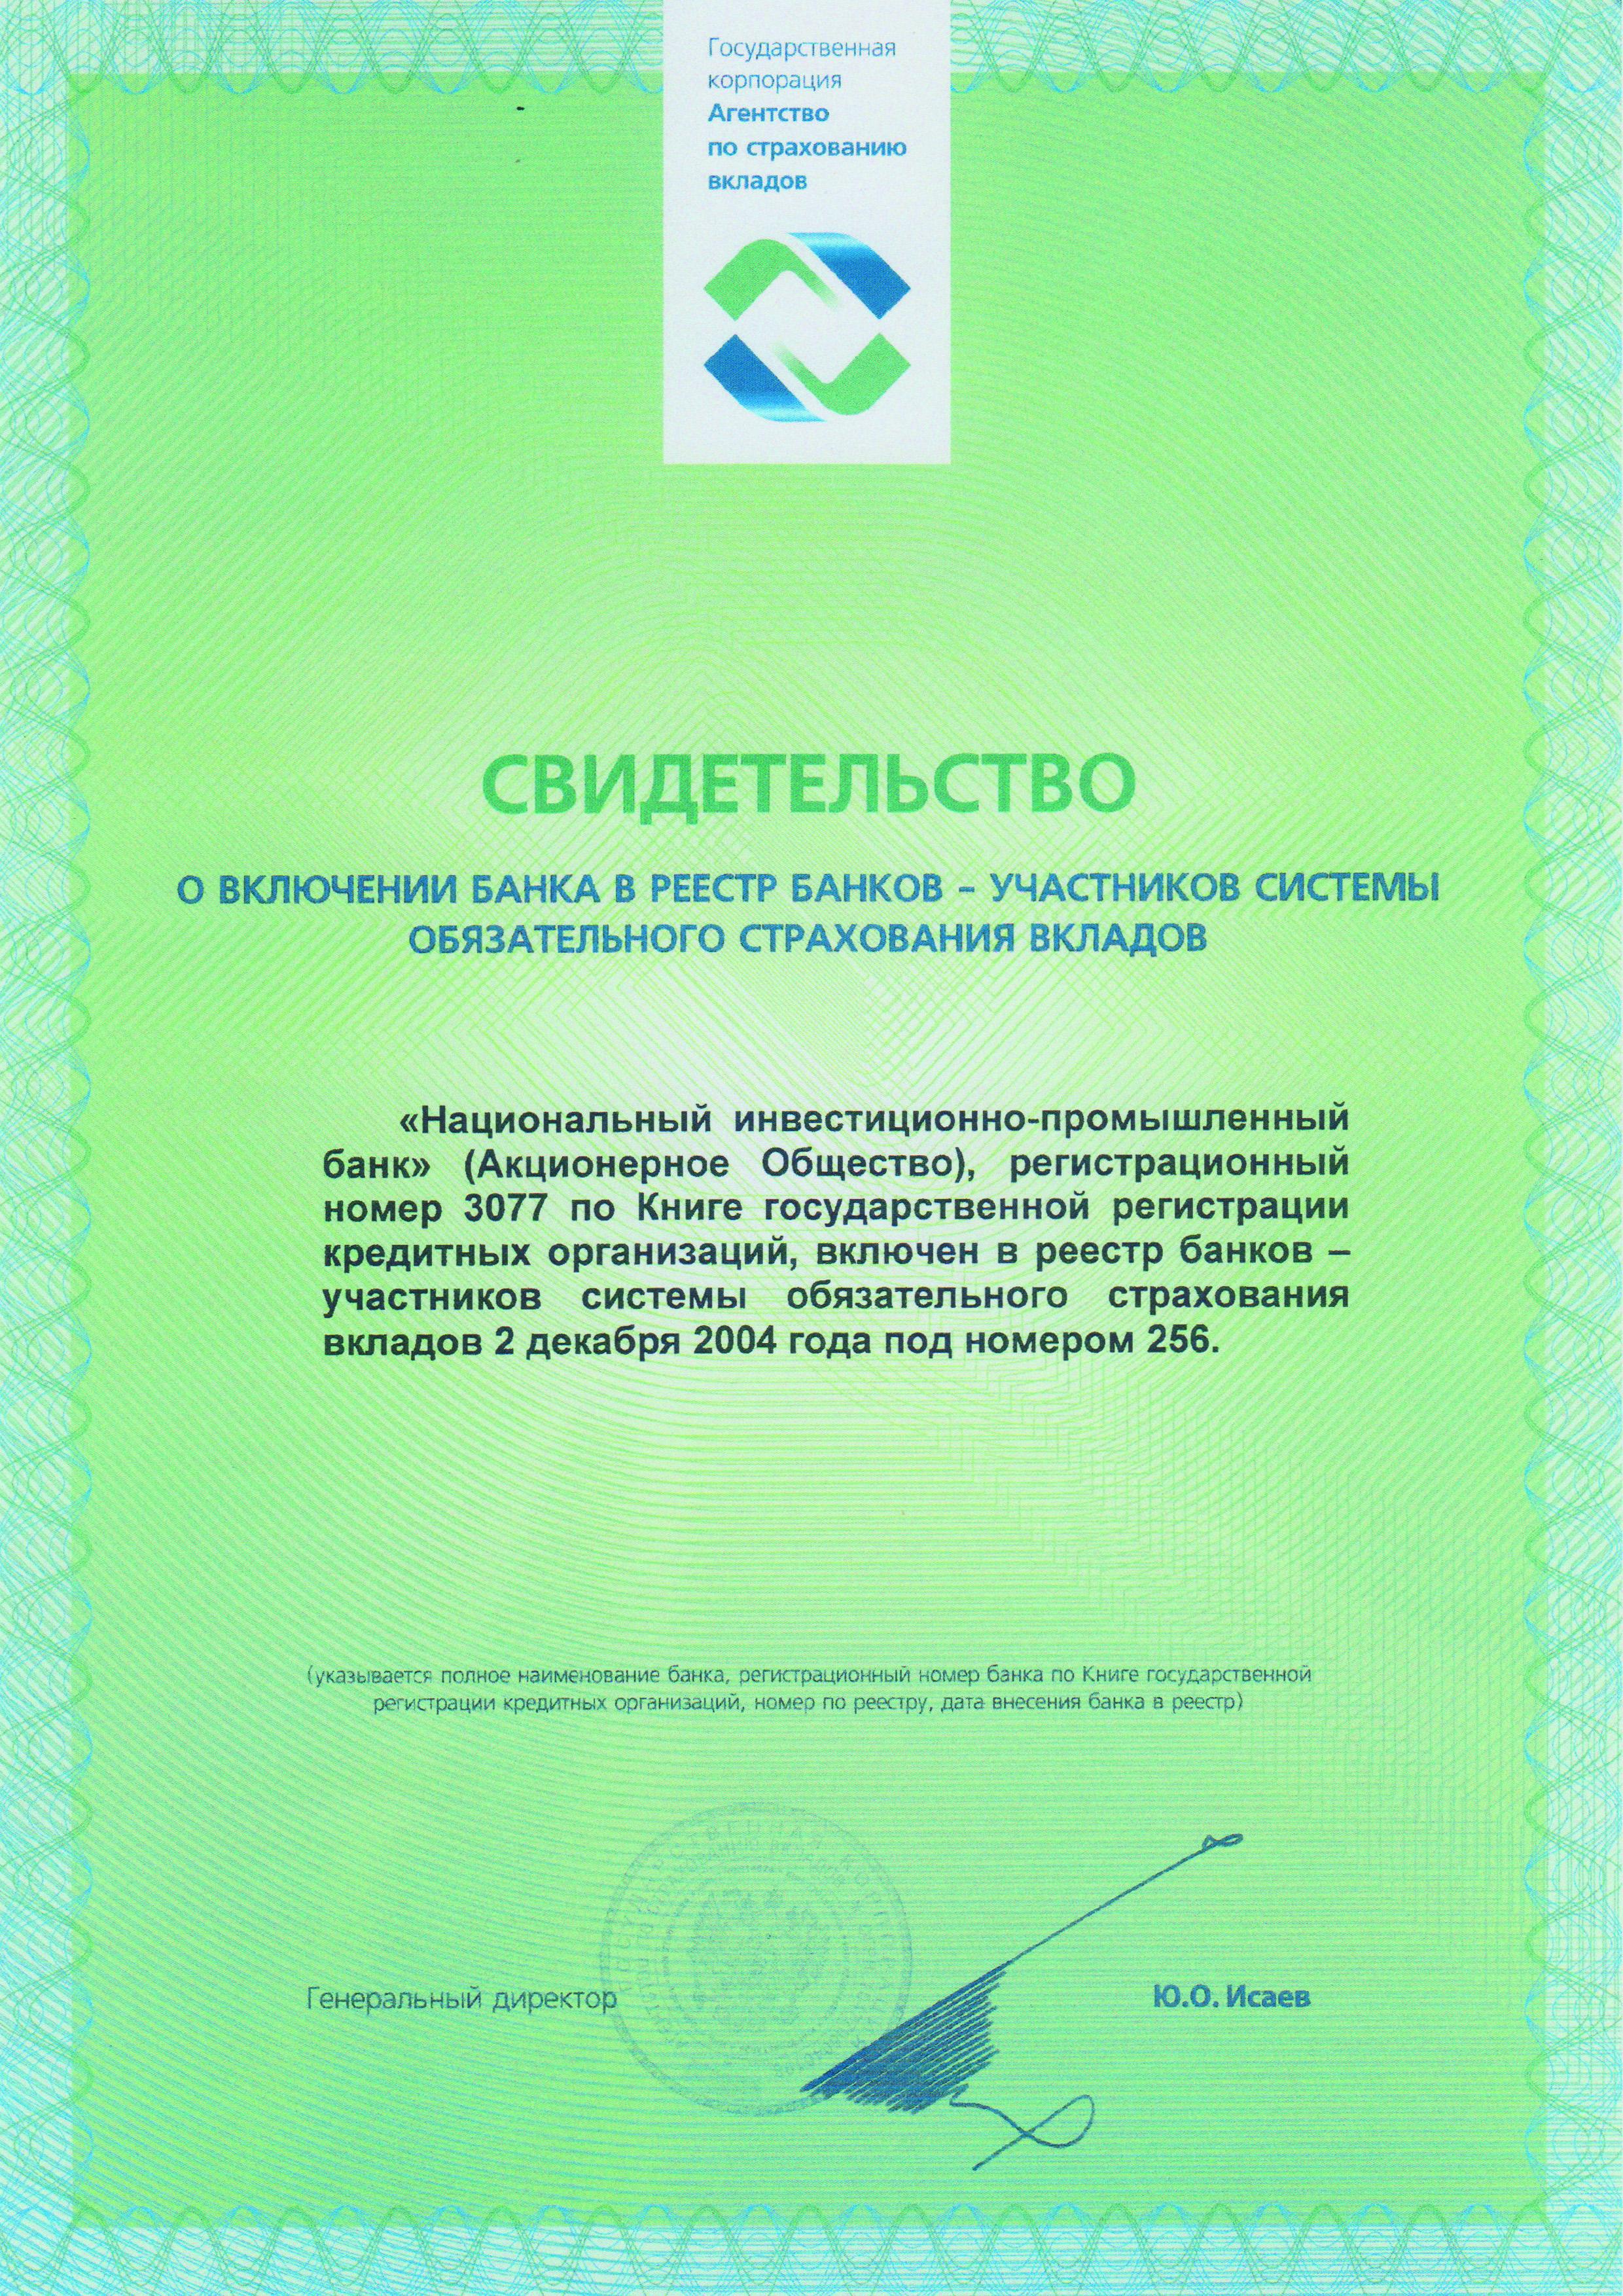 лицензия на выдачу кредитов физическим лицам